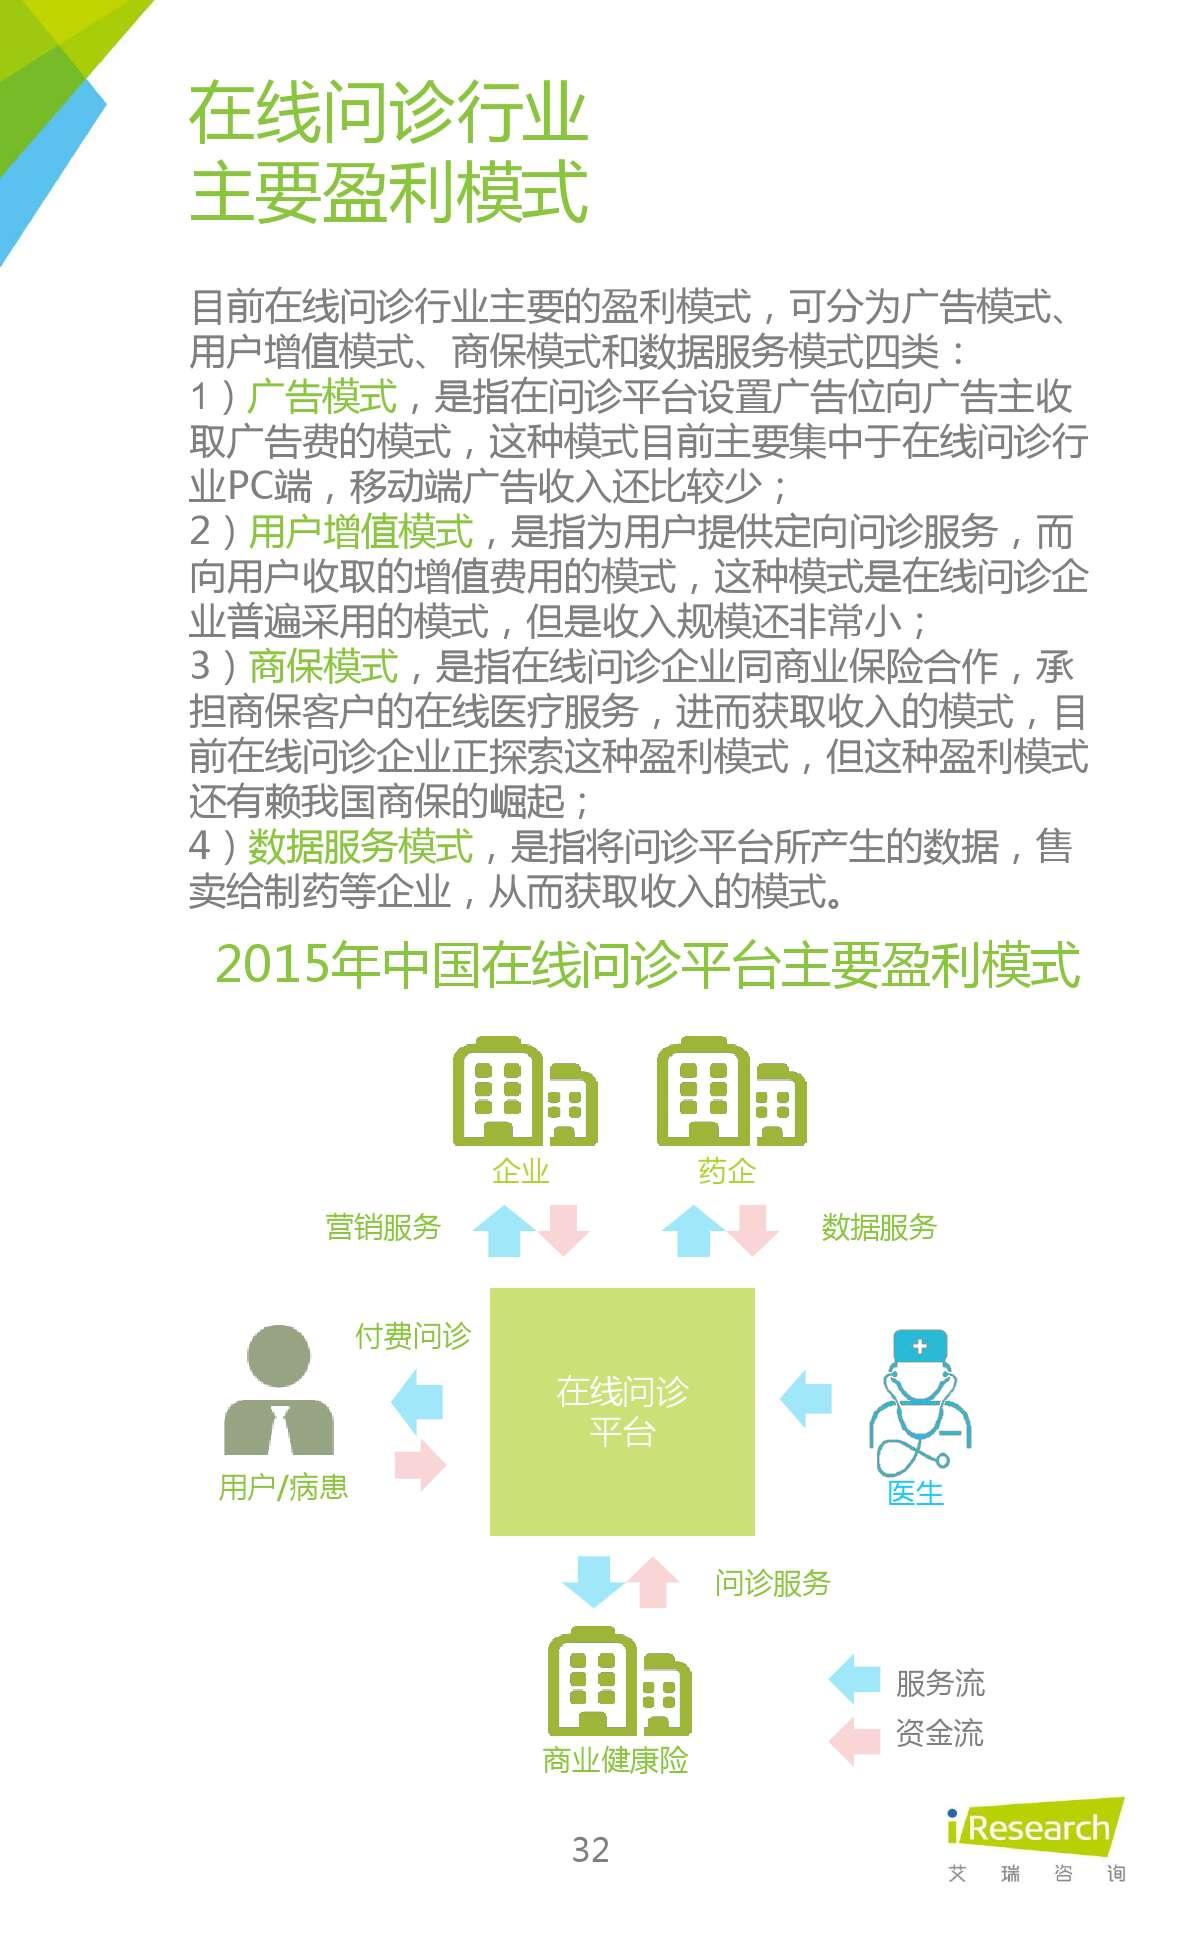 2015年中国在线问诊行业研究报告_000032